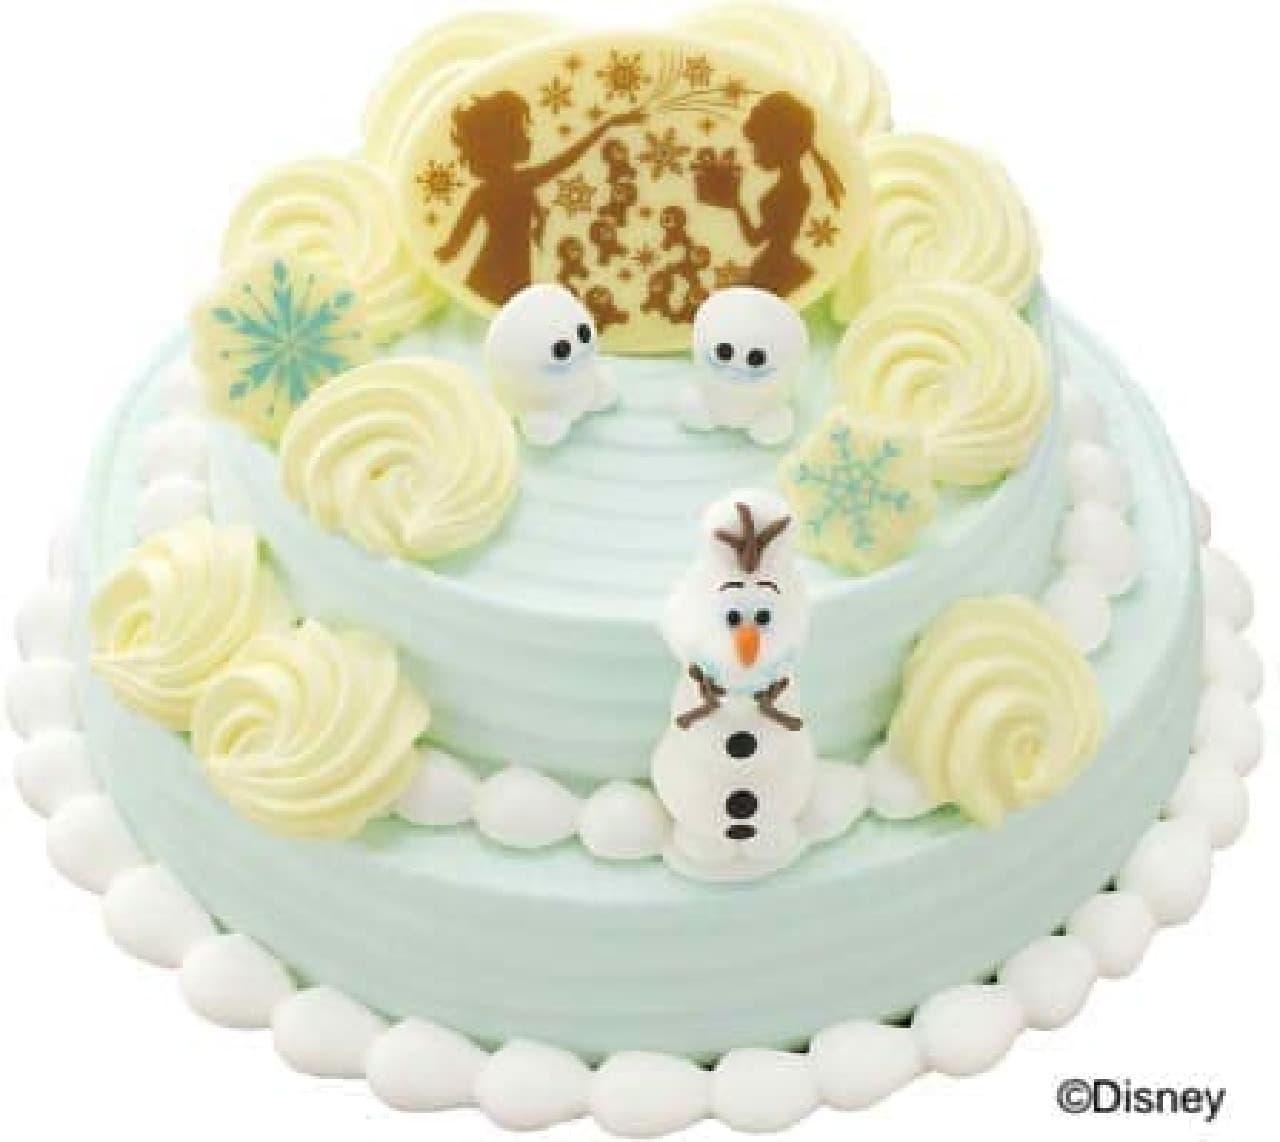 「アナと雪の女王 サプライズクリスマスケーキ」